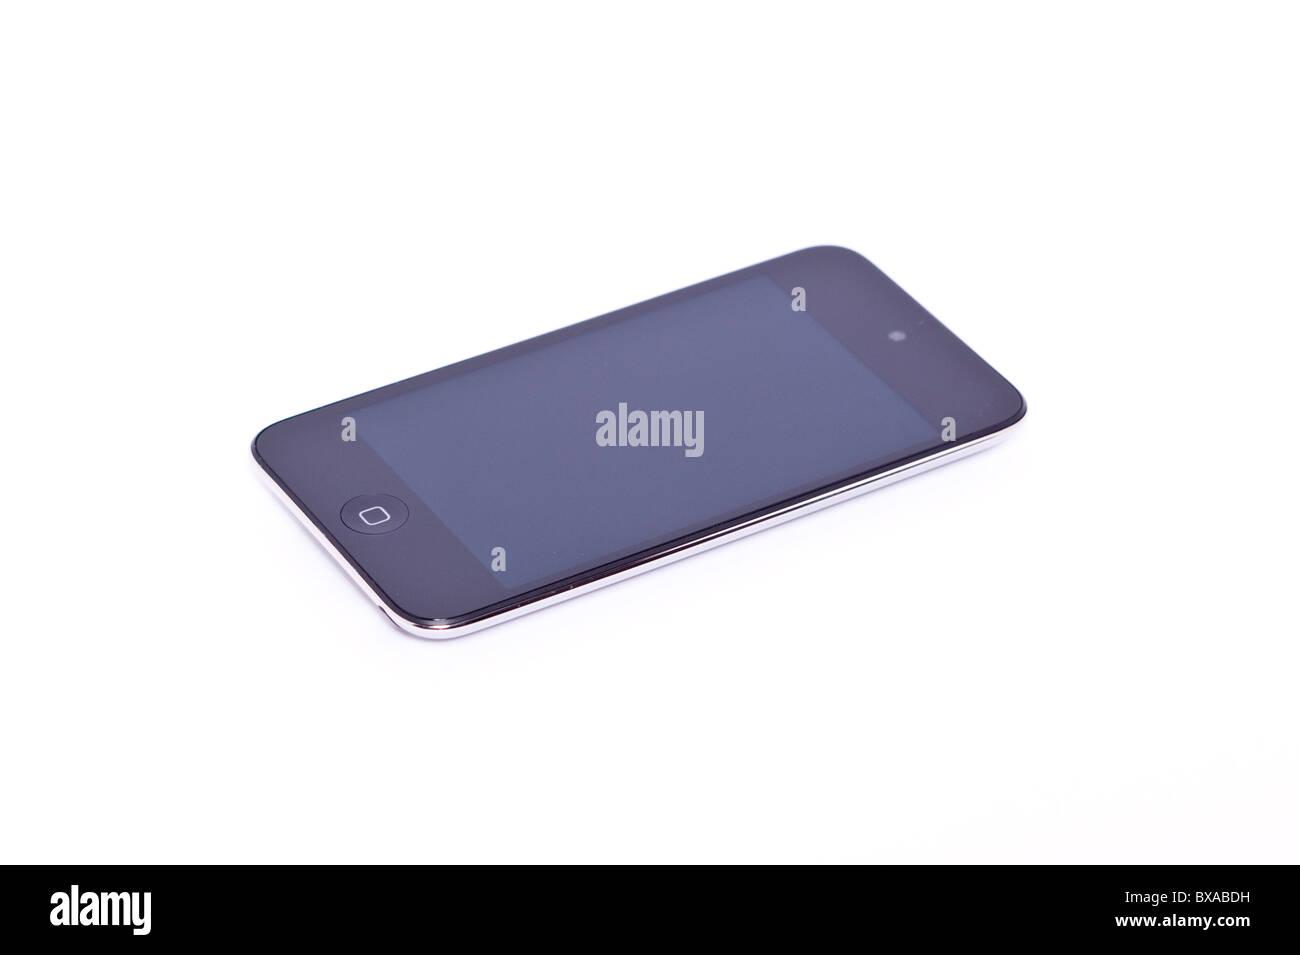 Der neue Apple Ipod touch 4. Generation 4G 32gb Mediaplayer auf einem weißen Hintergrund Stockbild